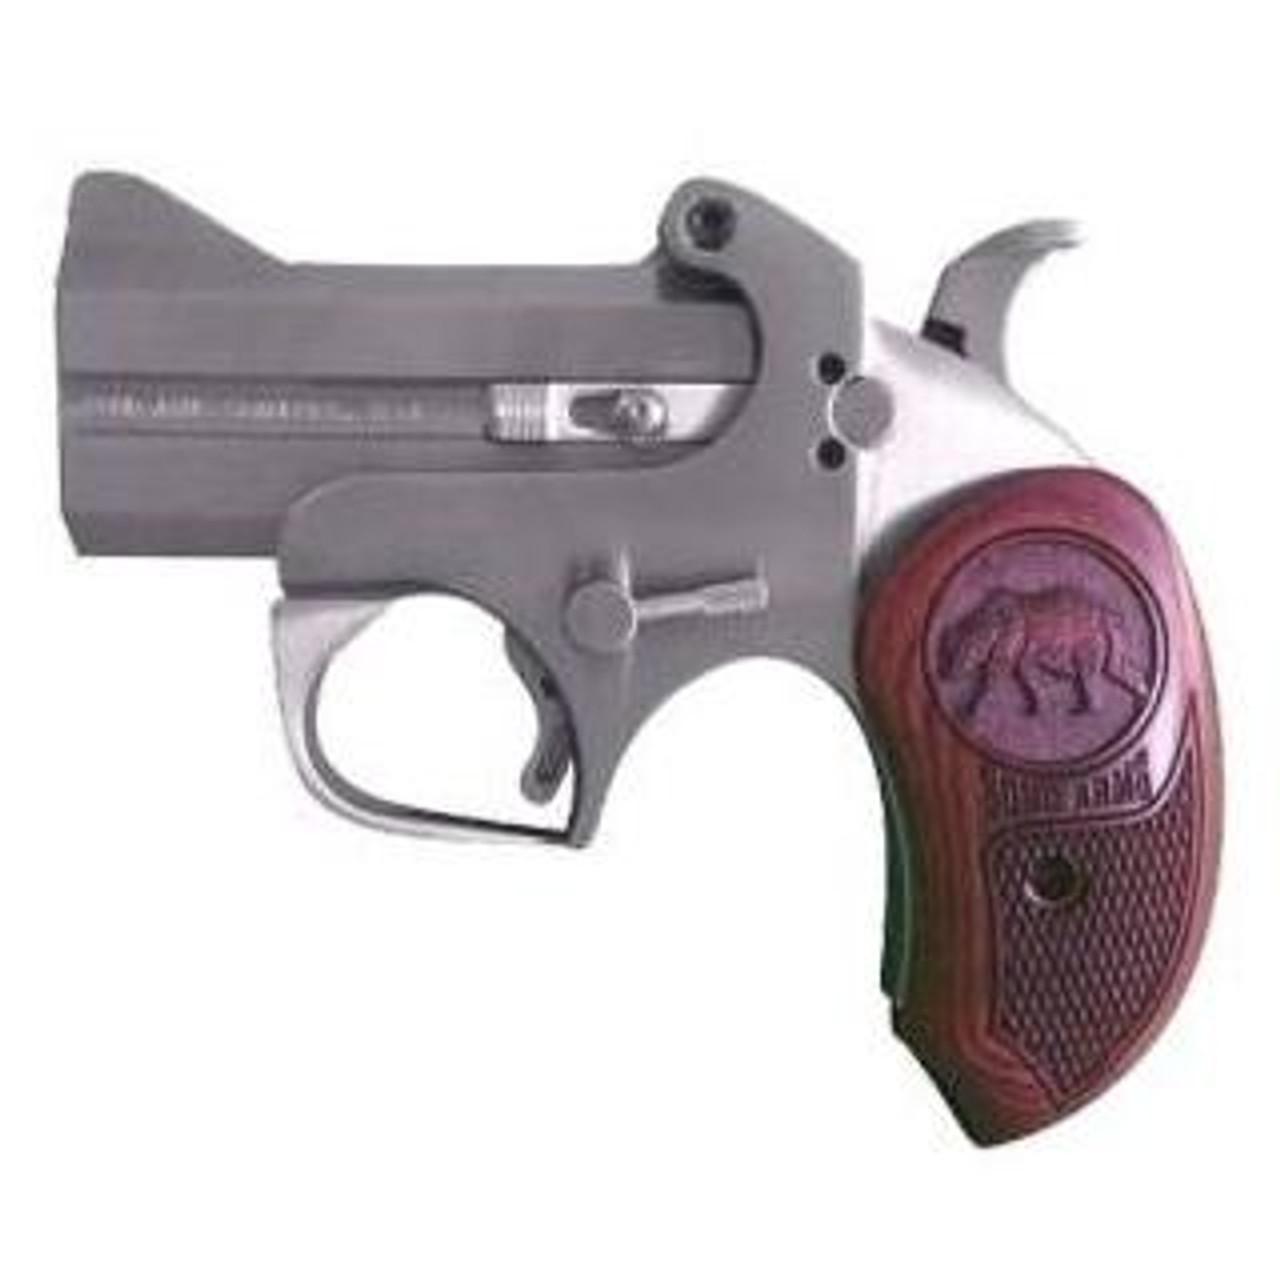 Bond Arms Brown Bear CALIFORNIA LEGAL - .45Colt